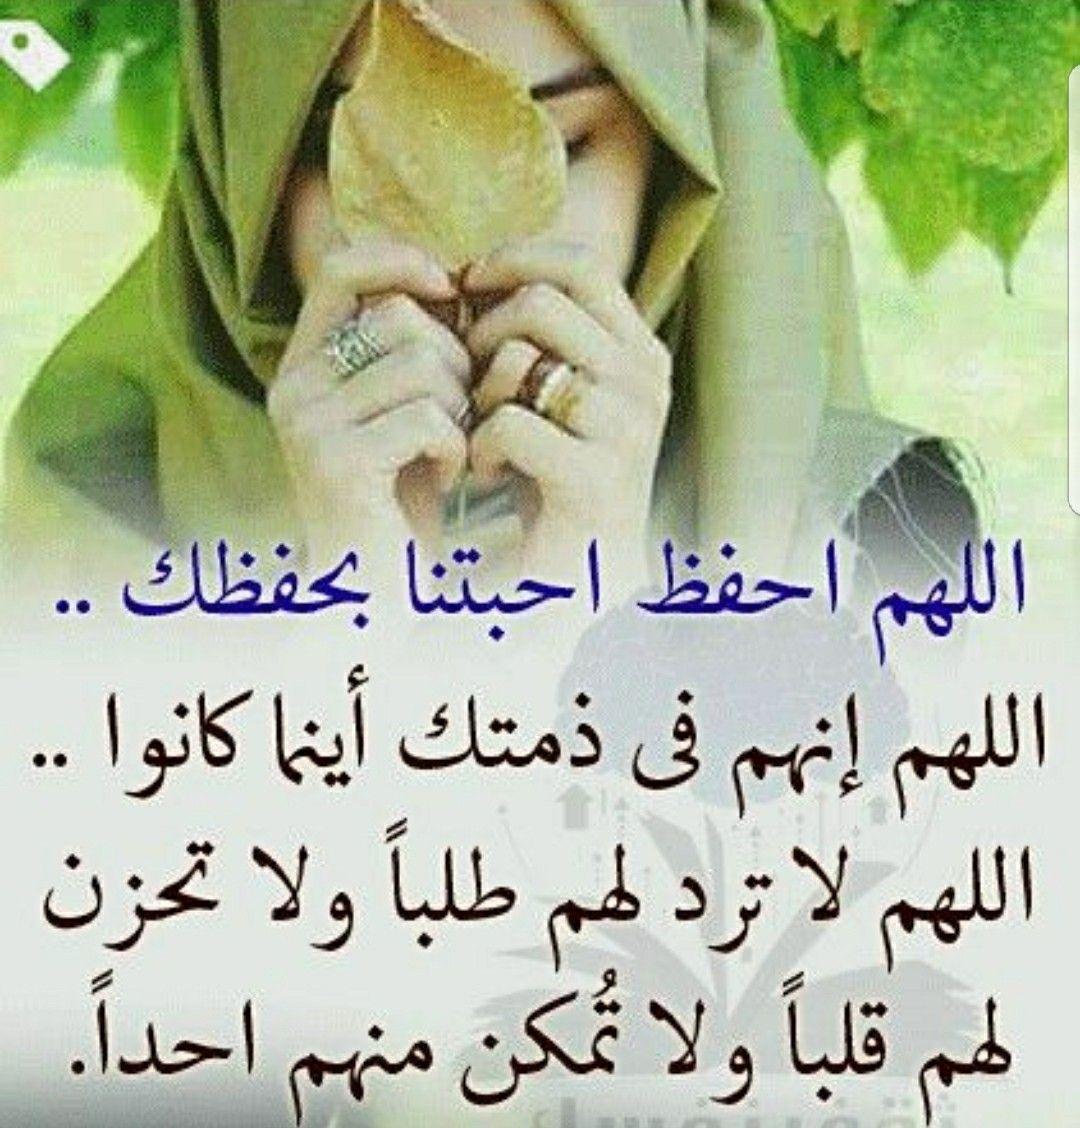 ادعية اسلامية مصورة للفيس بوك 4